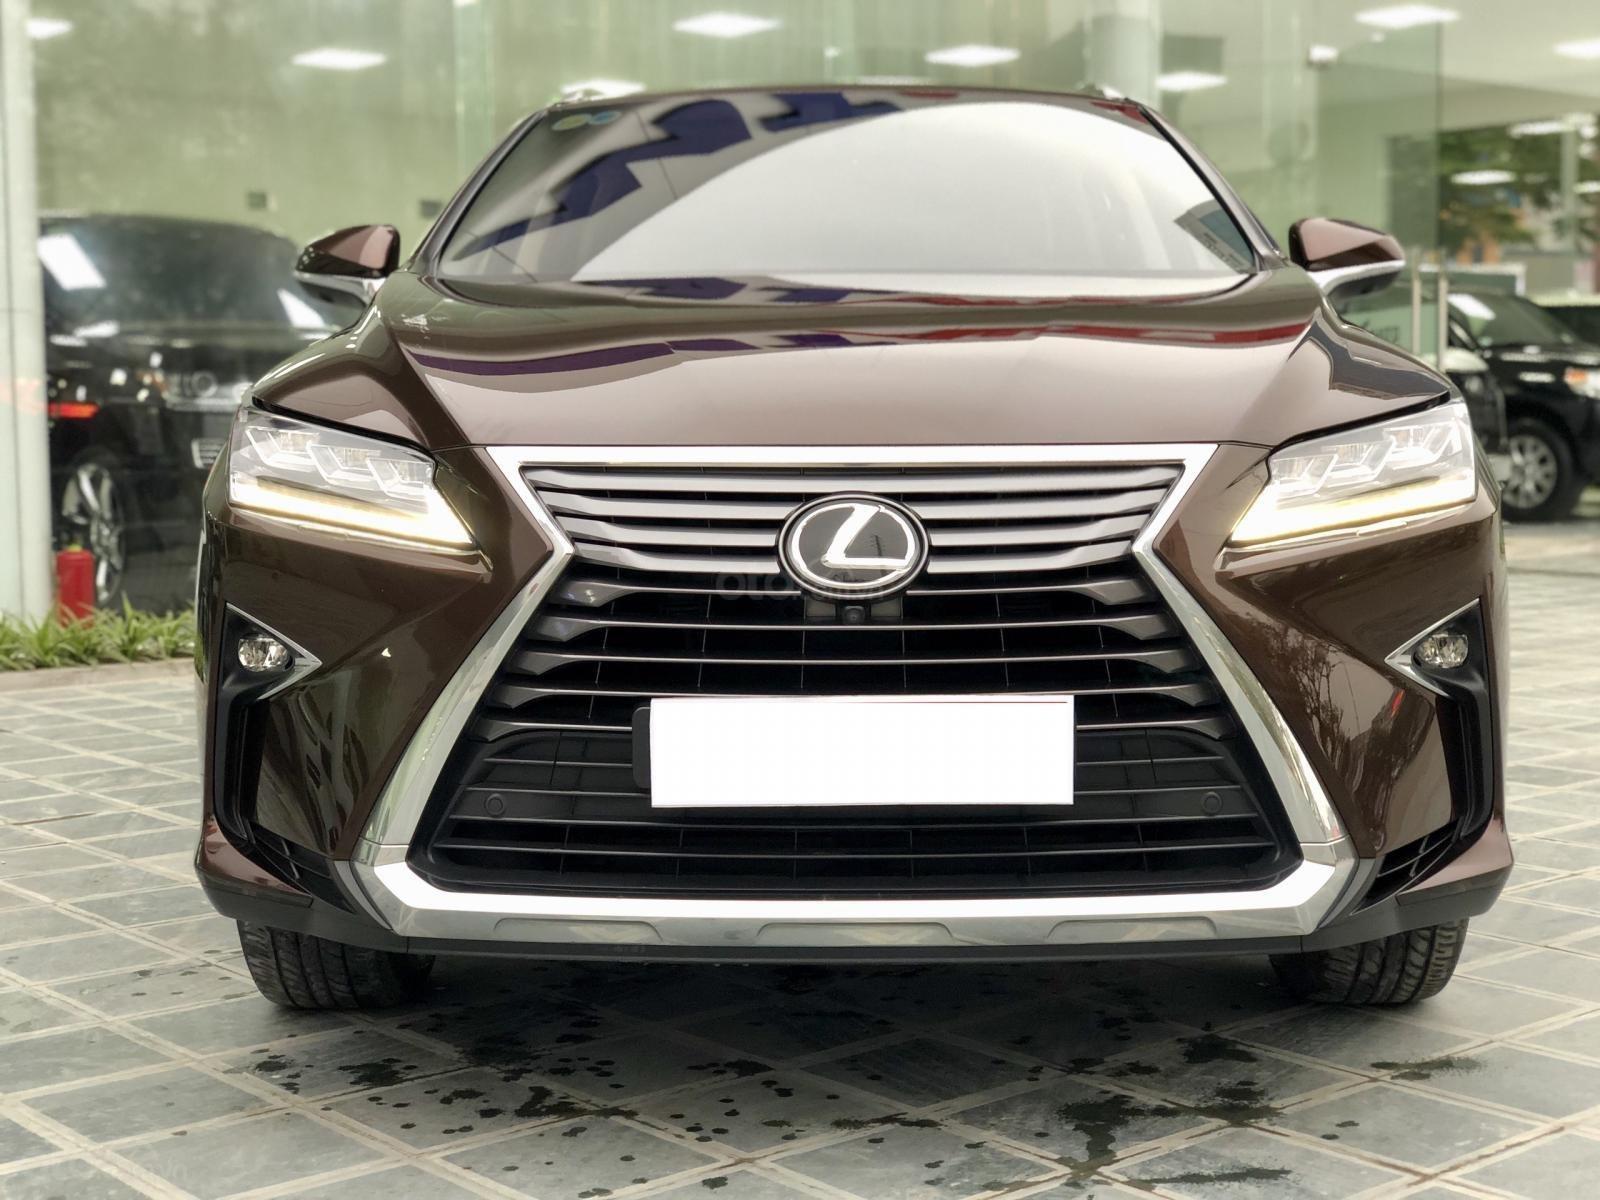 Cần bán xe Lexus RX 350 sản xuất 2017, xe nhập chính hãng. LH 093.996.2368 Ms Ngọc Vy (1)